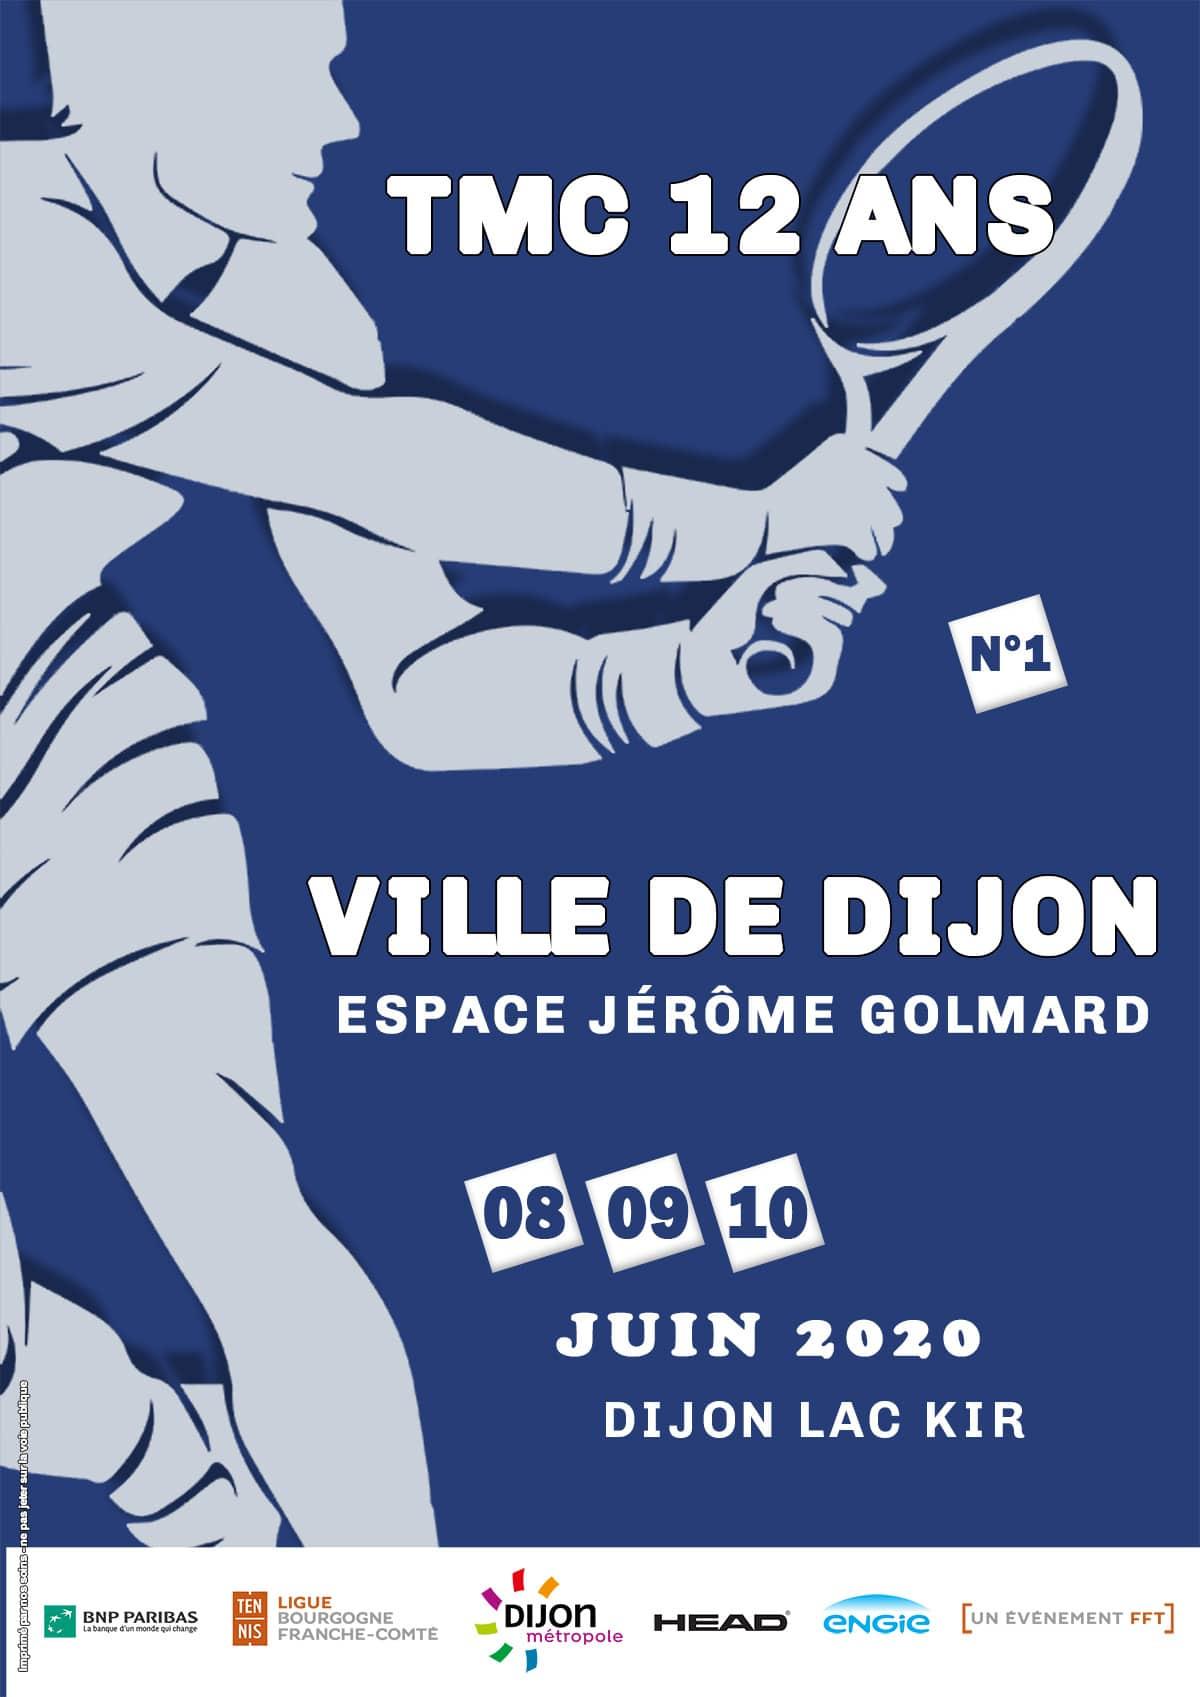 Affiche Tmc 12 Ans de la Ville de Dijon : Juin 2020